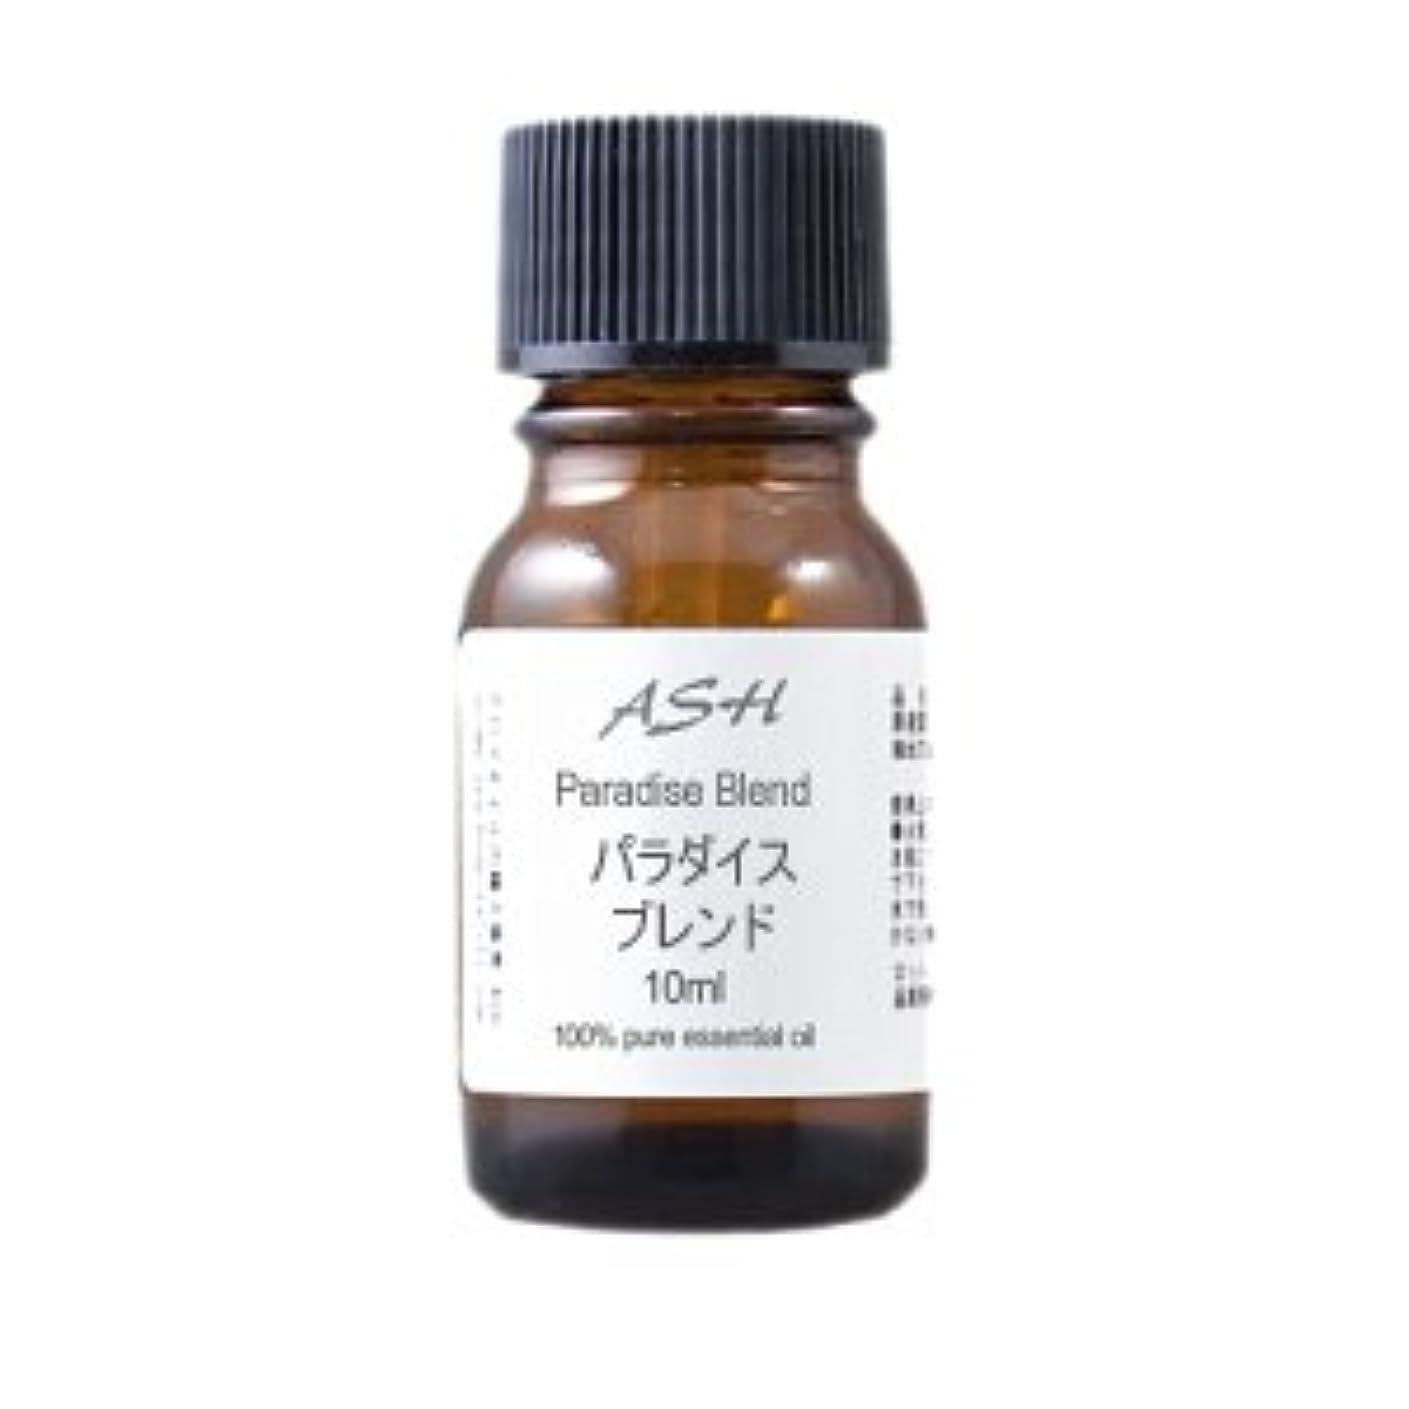 音声有毒な応じるASH パラダイスエッセンシャルオイルブレンド10ml